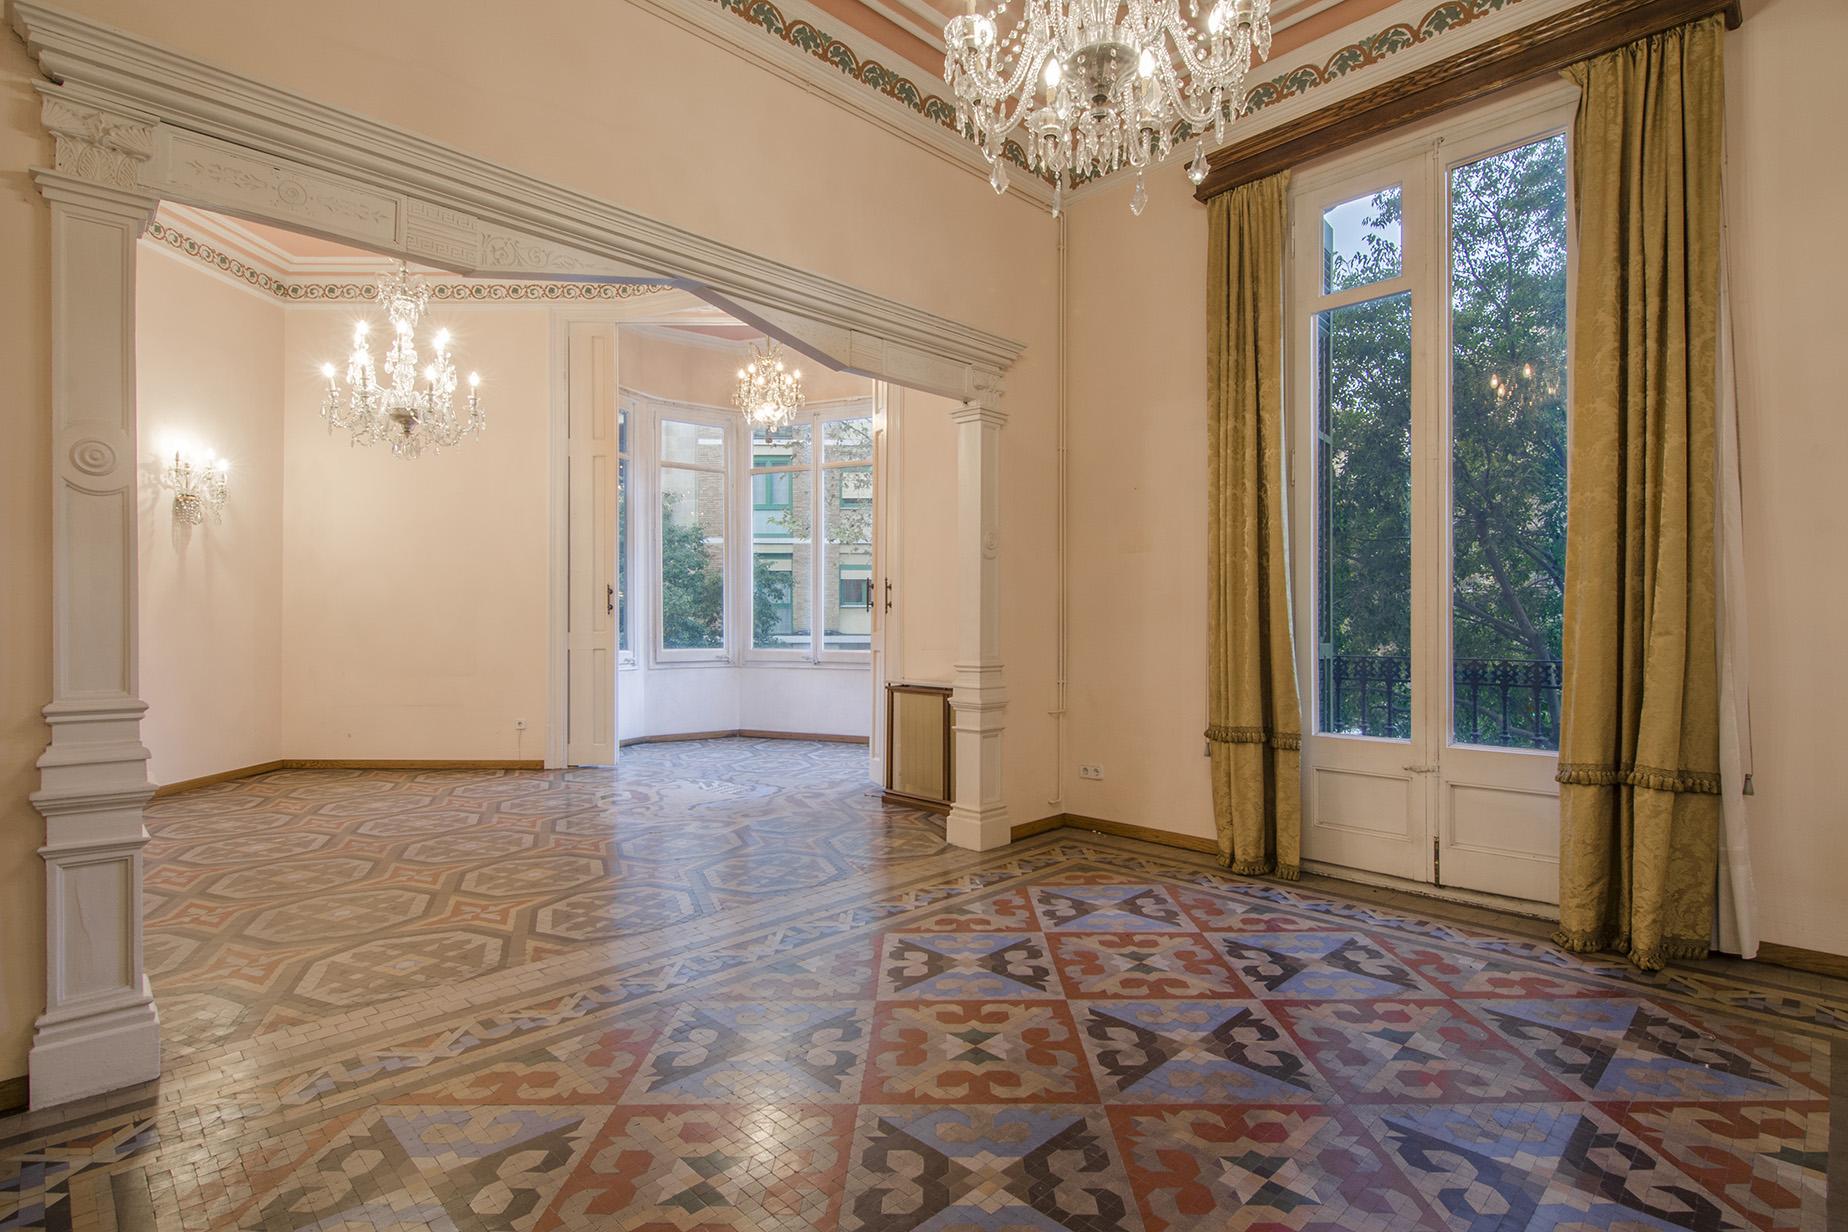 아파트 용 매매 에 Modernist Apartment For Sale in the Right Eixample Eixample, Barcelona City, Barcelona, 08007 스페인